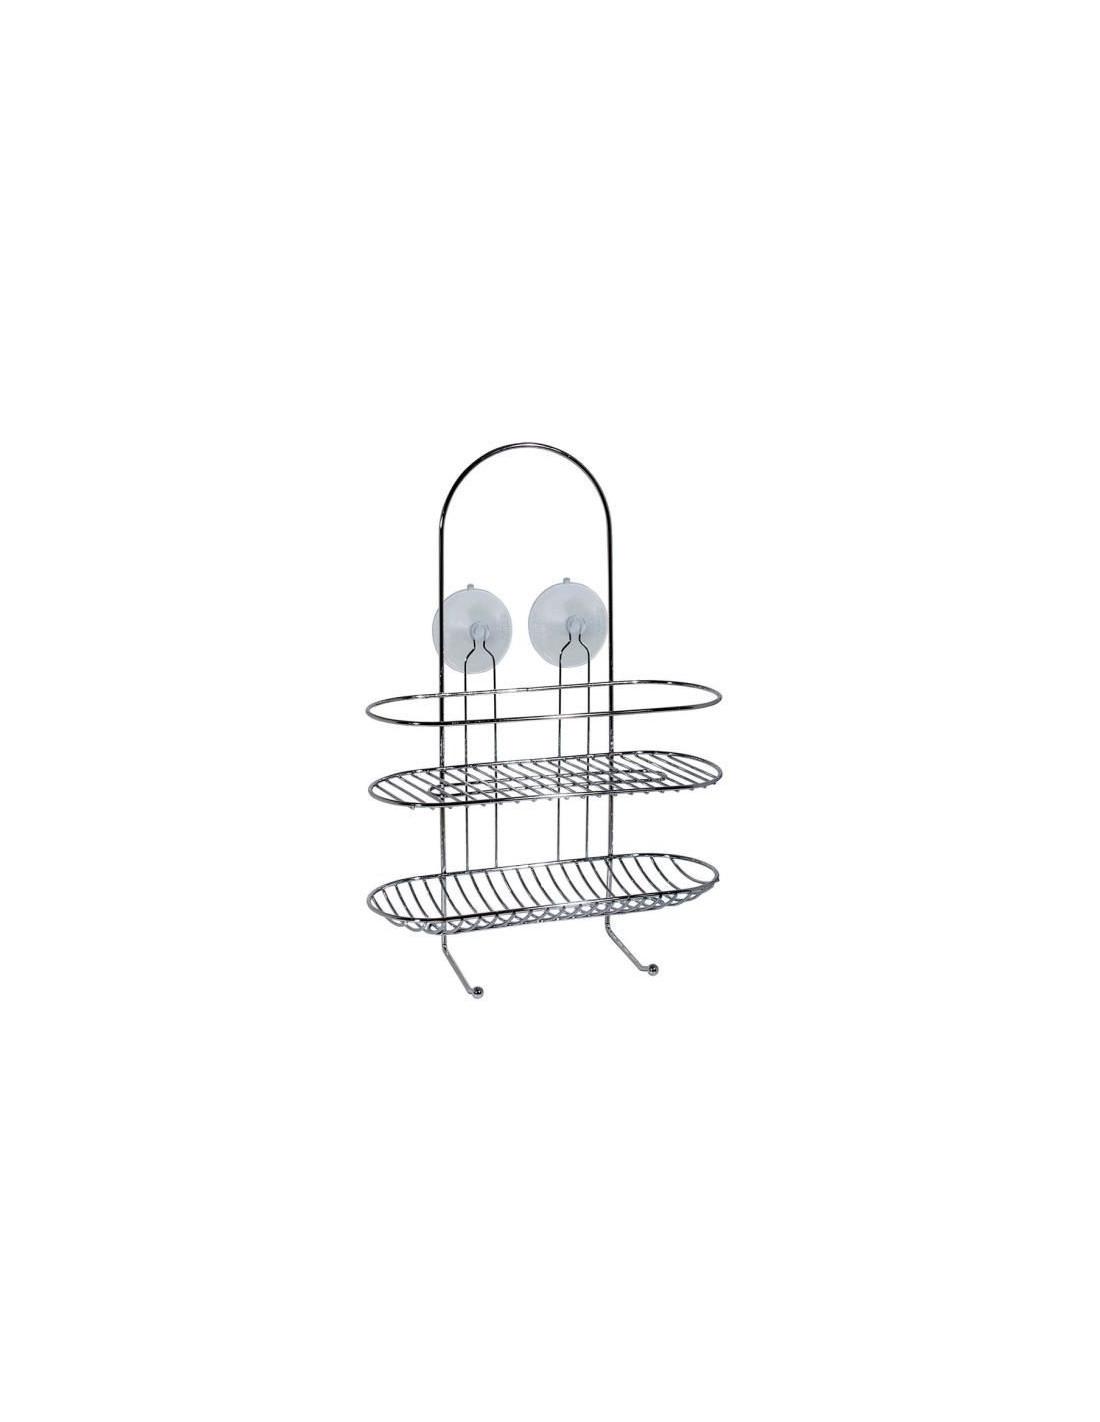 frandis valet de douche chrome ventouses 30x13x42cm hyper brico. Black Bedroom Furniture Sets. Home Design Ideas